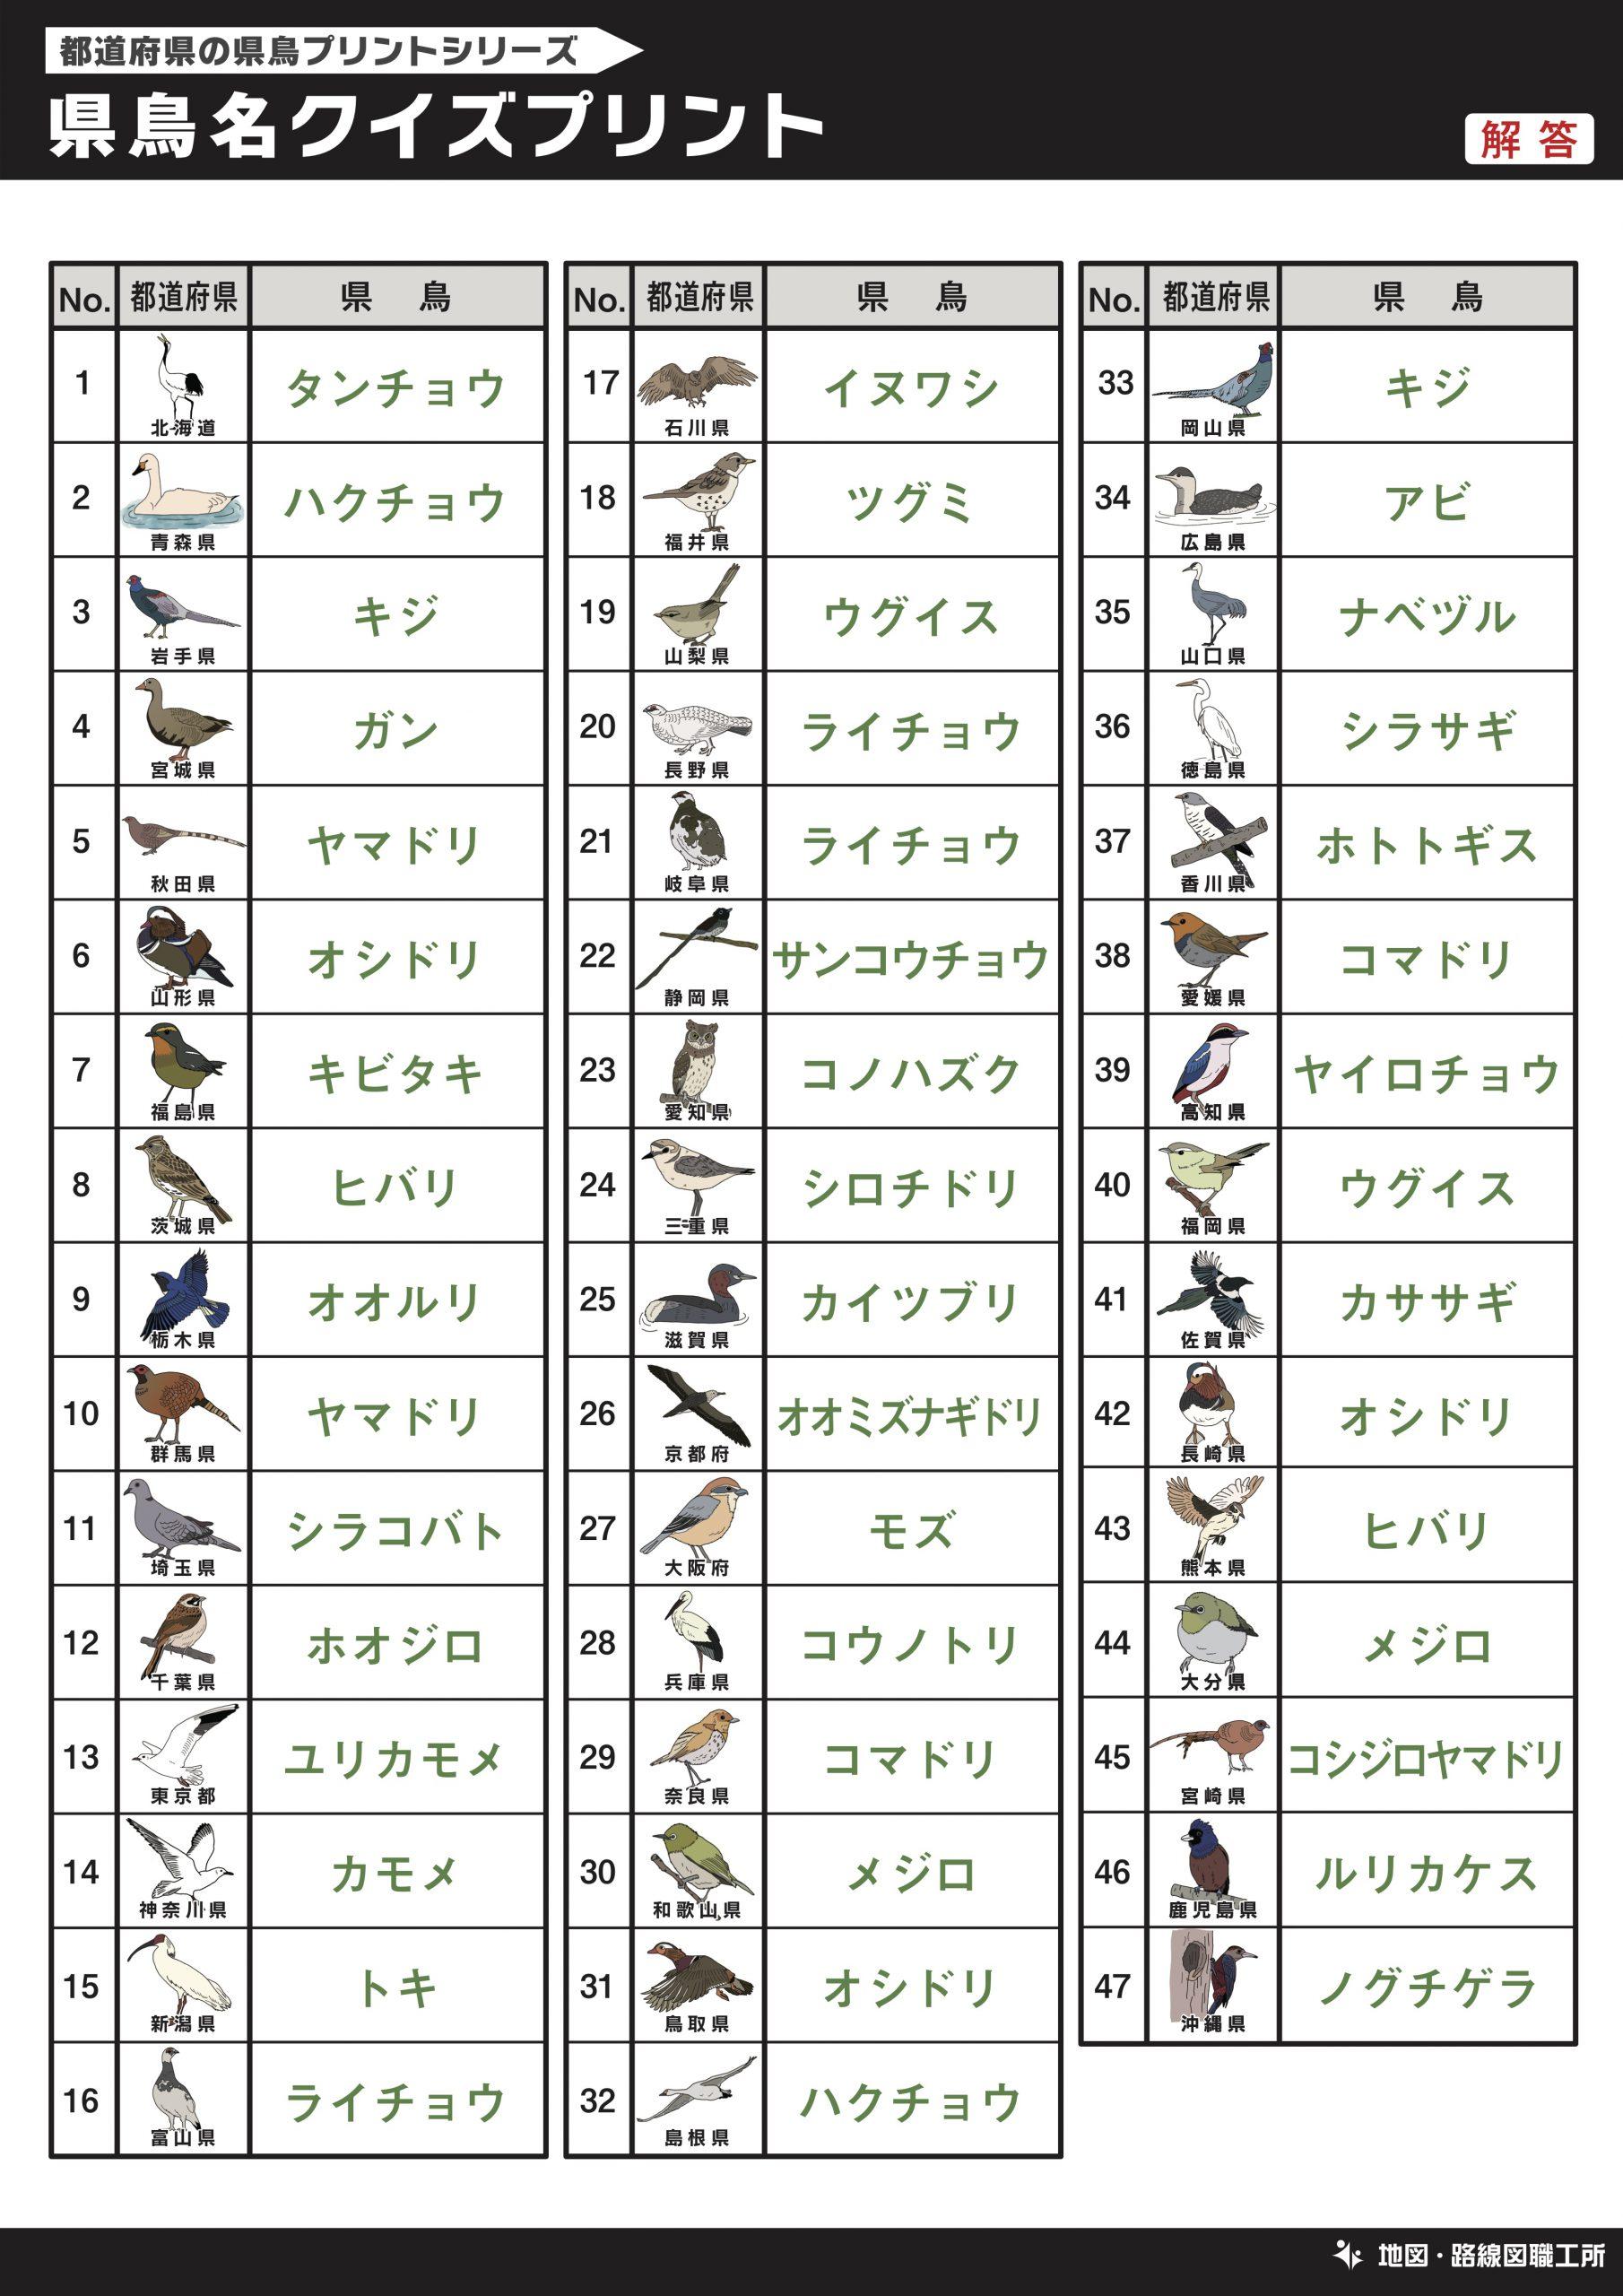 県鳥名クイズプリント 記入問題